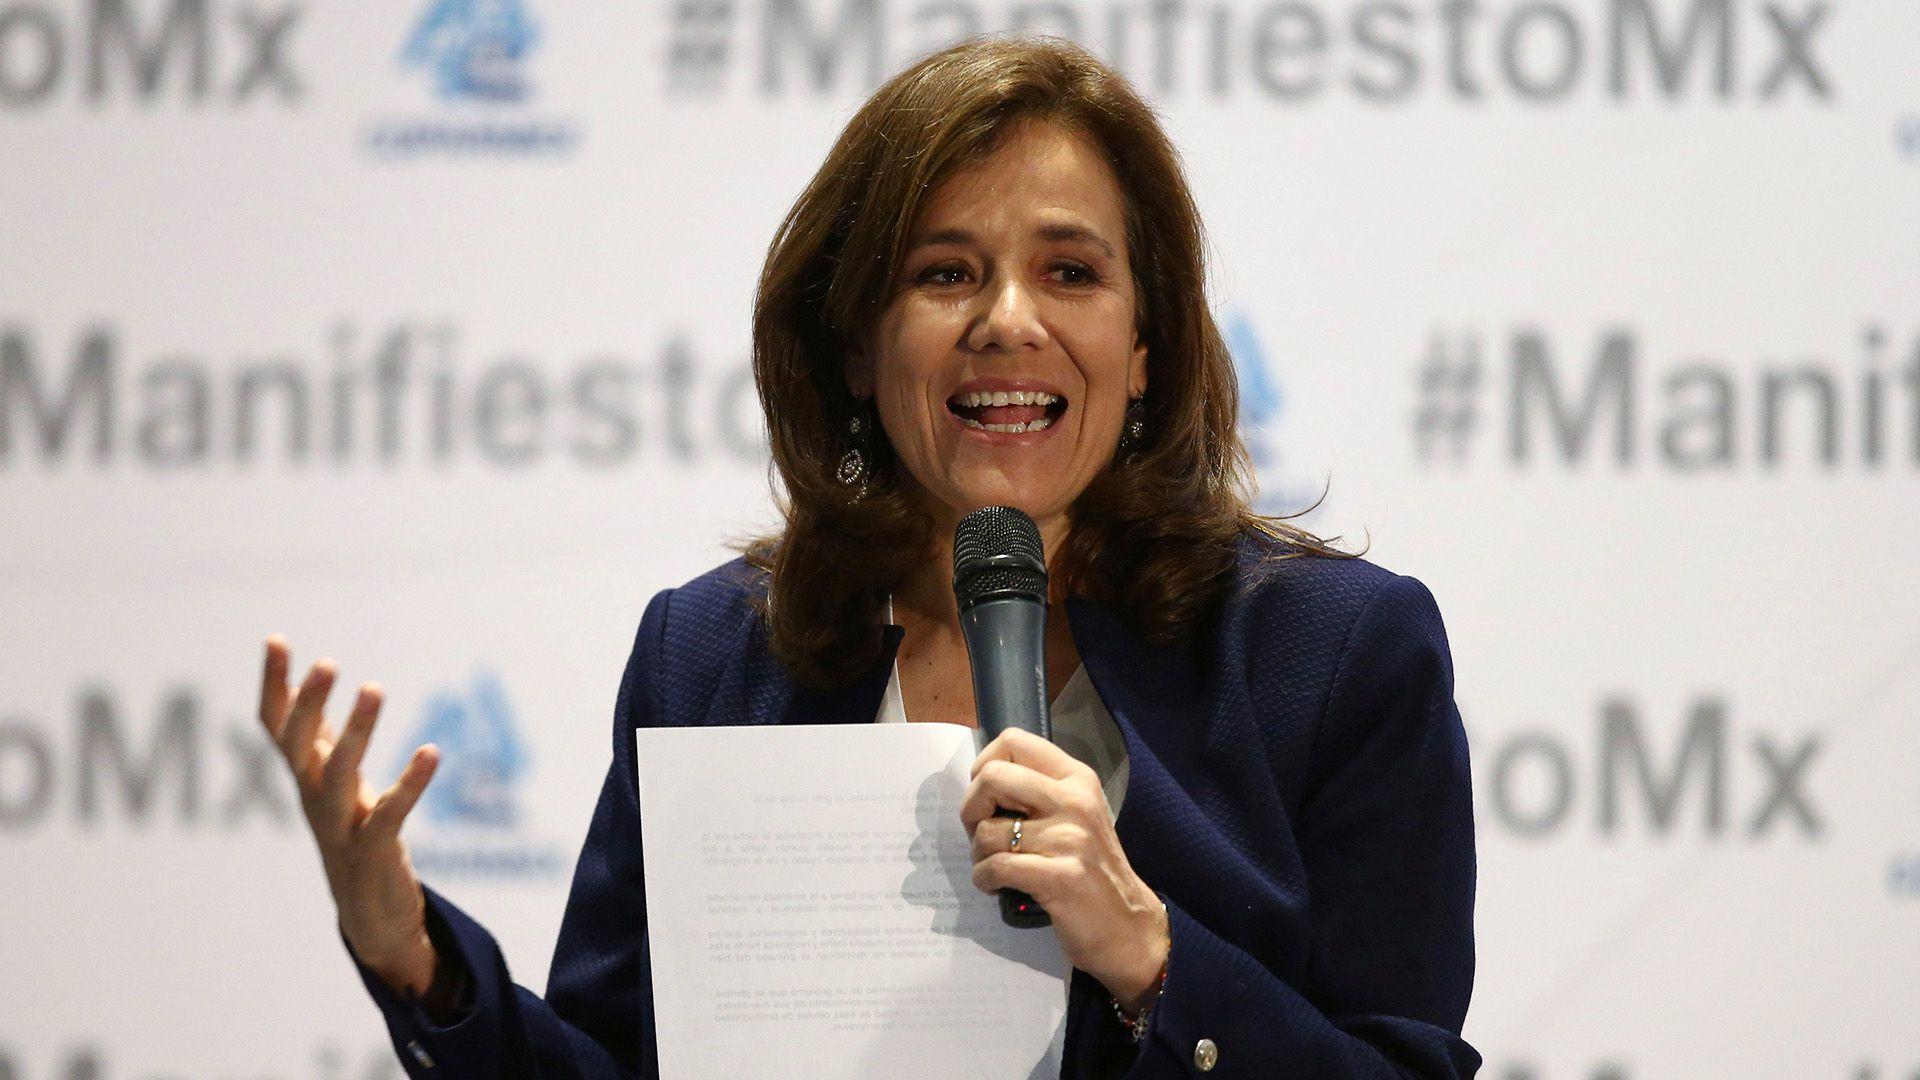 Margarita Zavala o pudo registrar su organización como partido político (Foto: Reuters /Edgard Garrido)